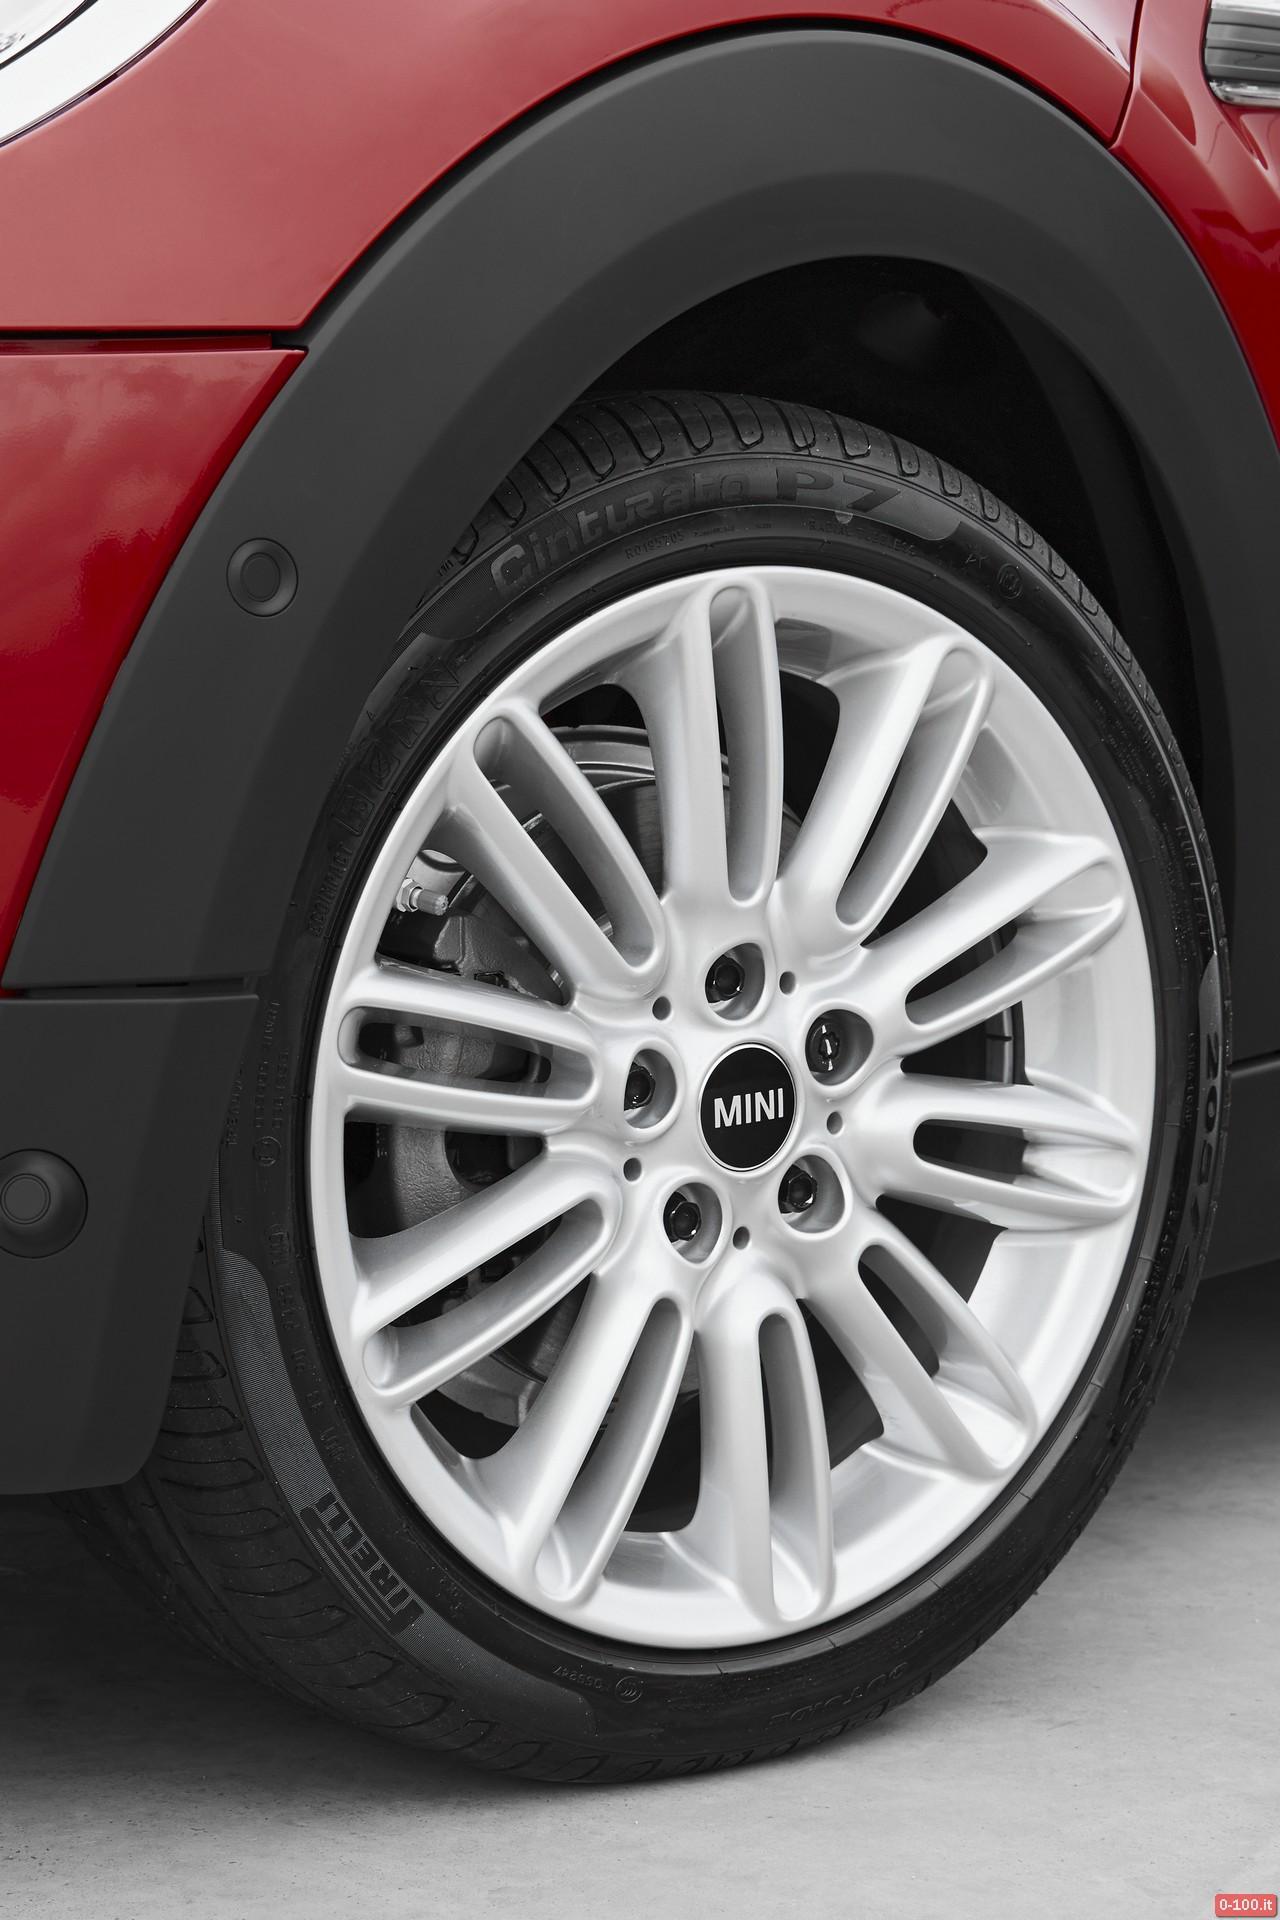 New-Mini-by-BMW-2014_prezzo-price_87